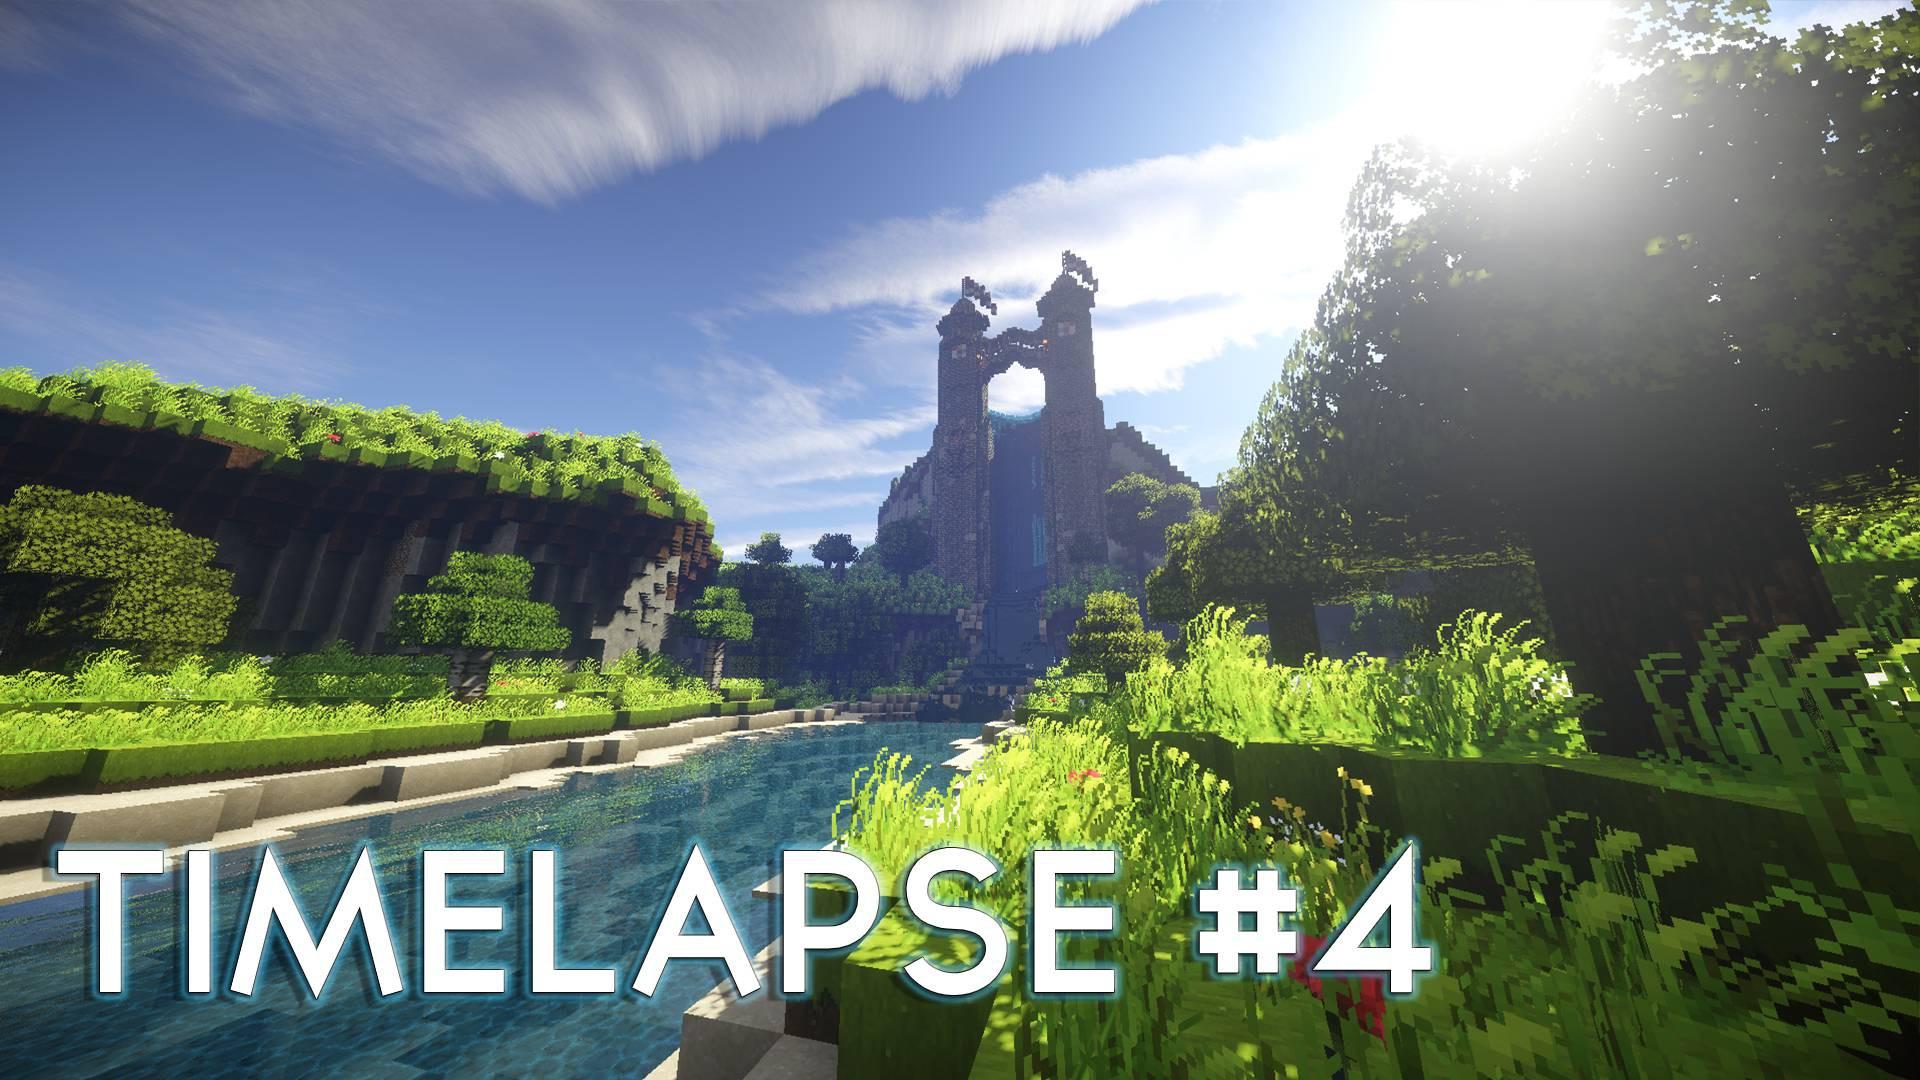 Timelapse 4 Les deux tours